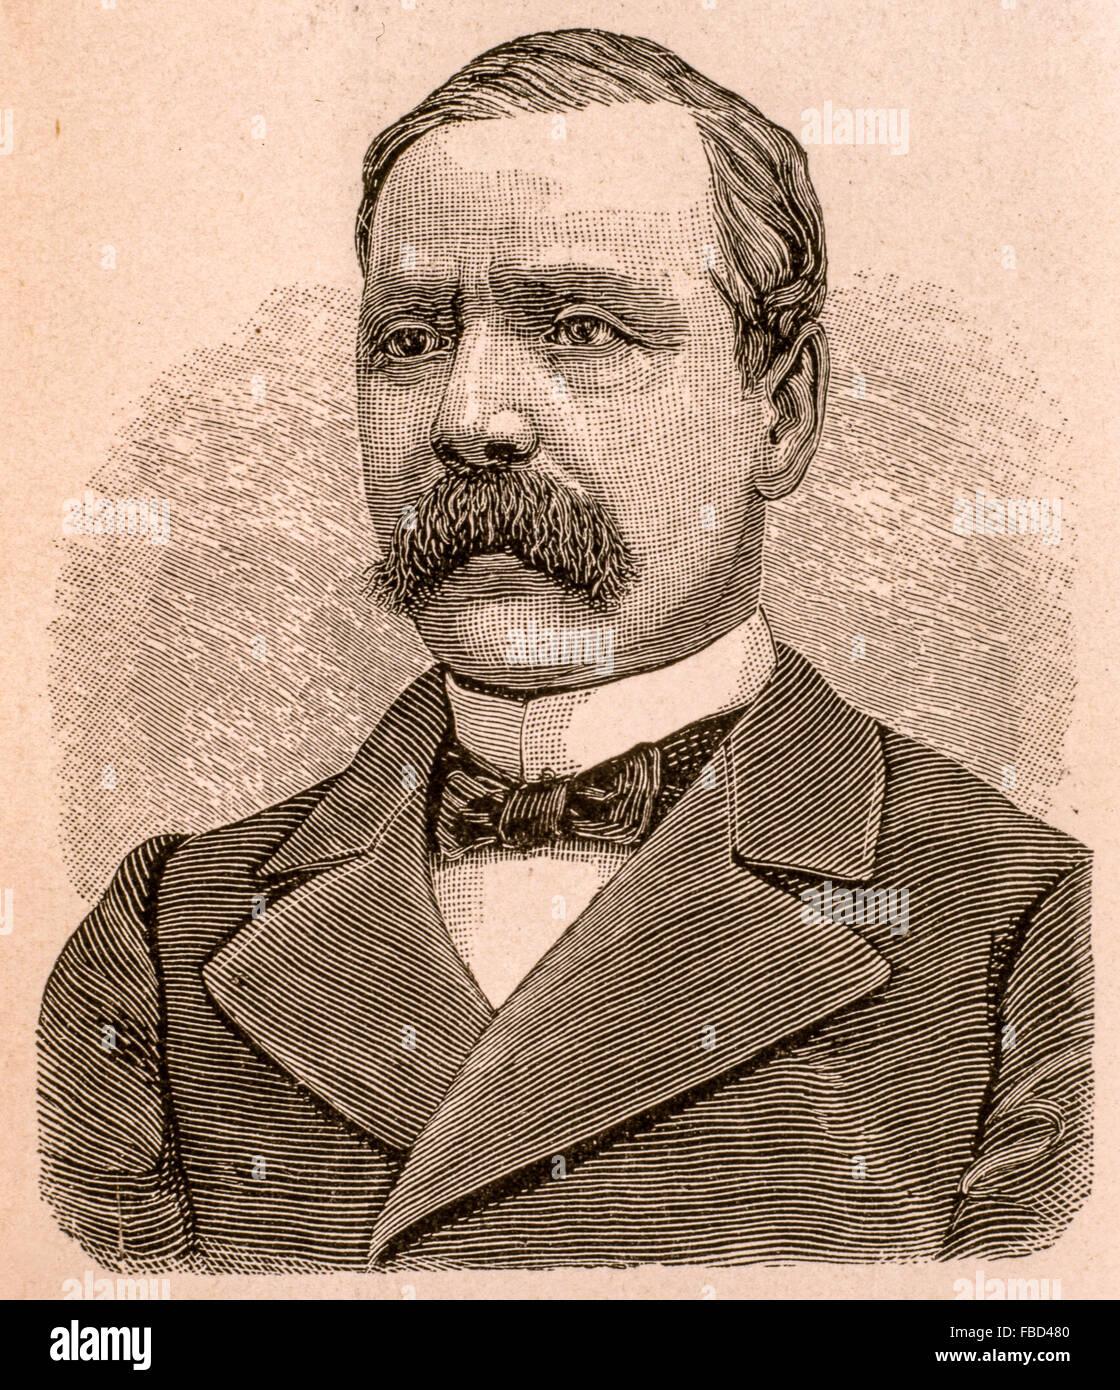 Agostino Bersani ( Milano 19 Ottobre 1812 - Roma, 30 Aprile1886 ) Dal Libro ' vita di Garibaldi ' 1880 Immagini Stock